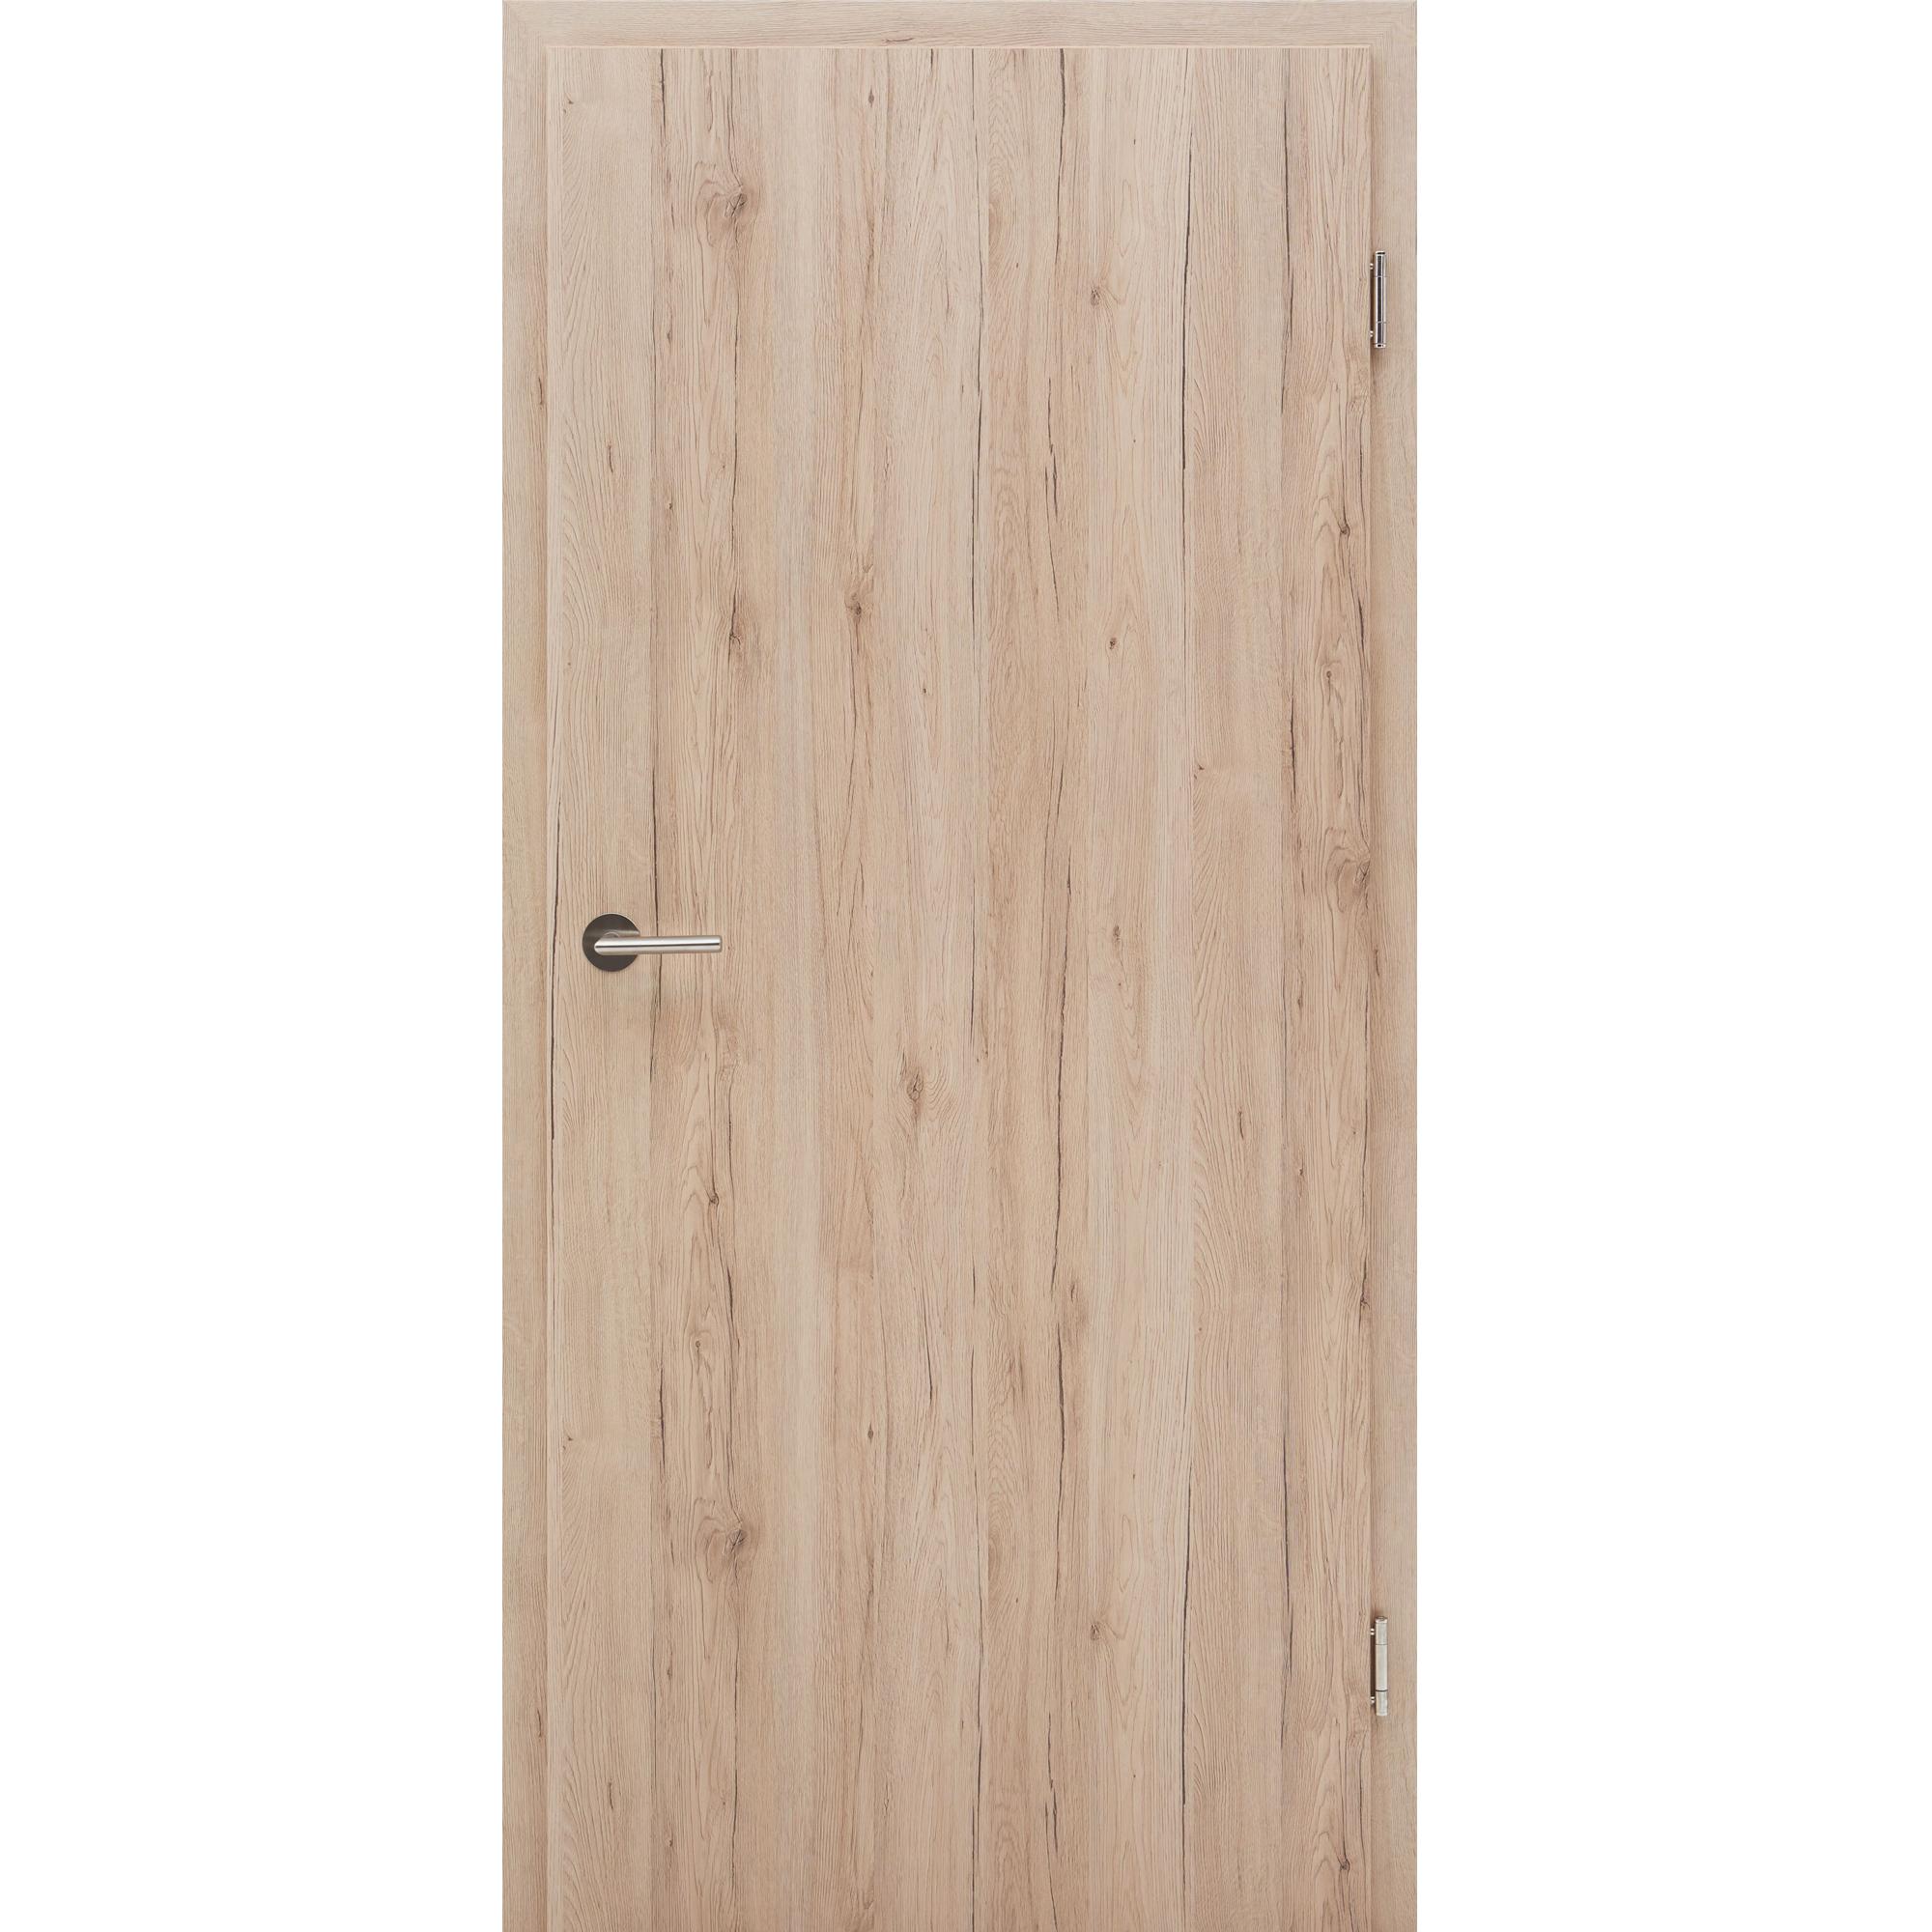 wohnungst r mit zarge cpl eiche barrique vollspan 27db kkl iii rundkante kp holz shop. Black Bedroom Furniture Sets. Home Design Ideas